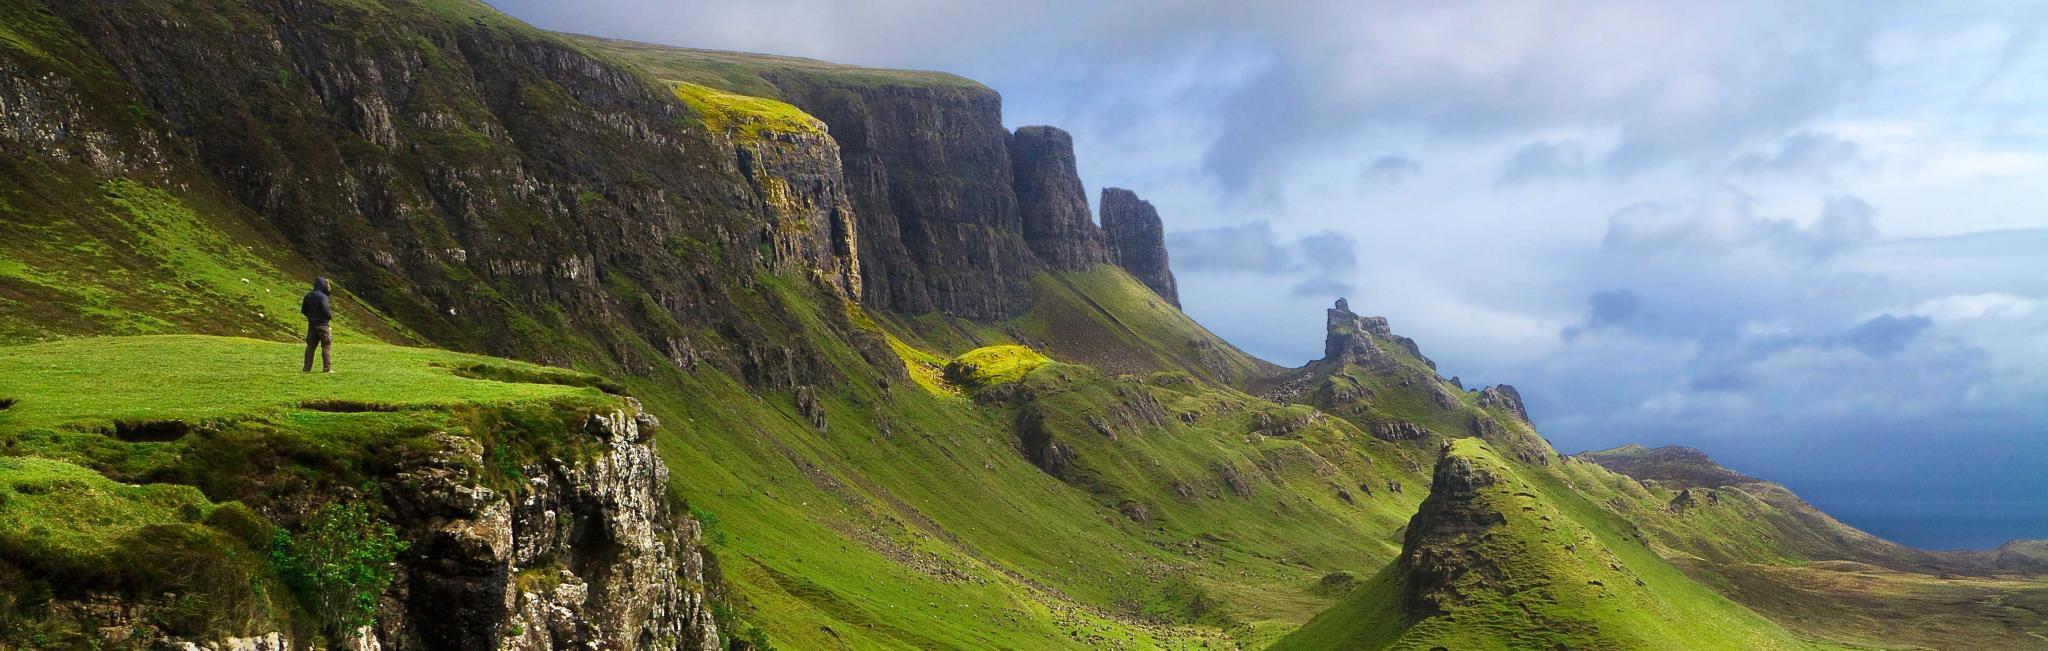 Discover Travel Tours Scotland